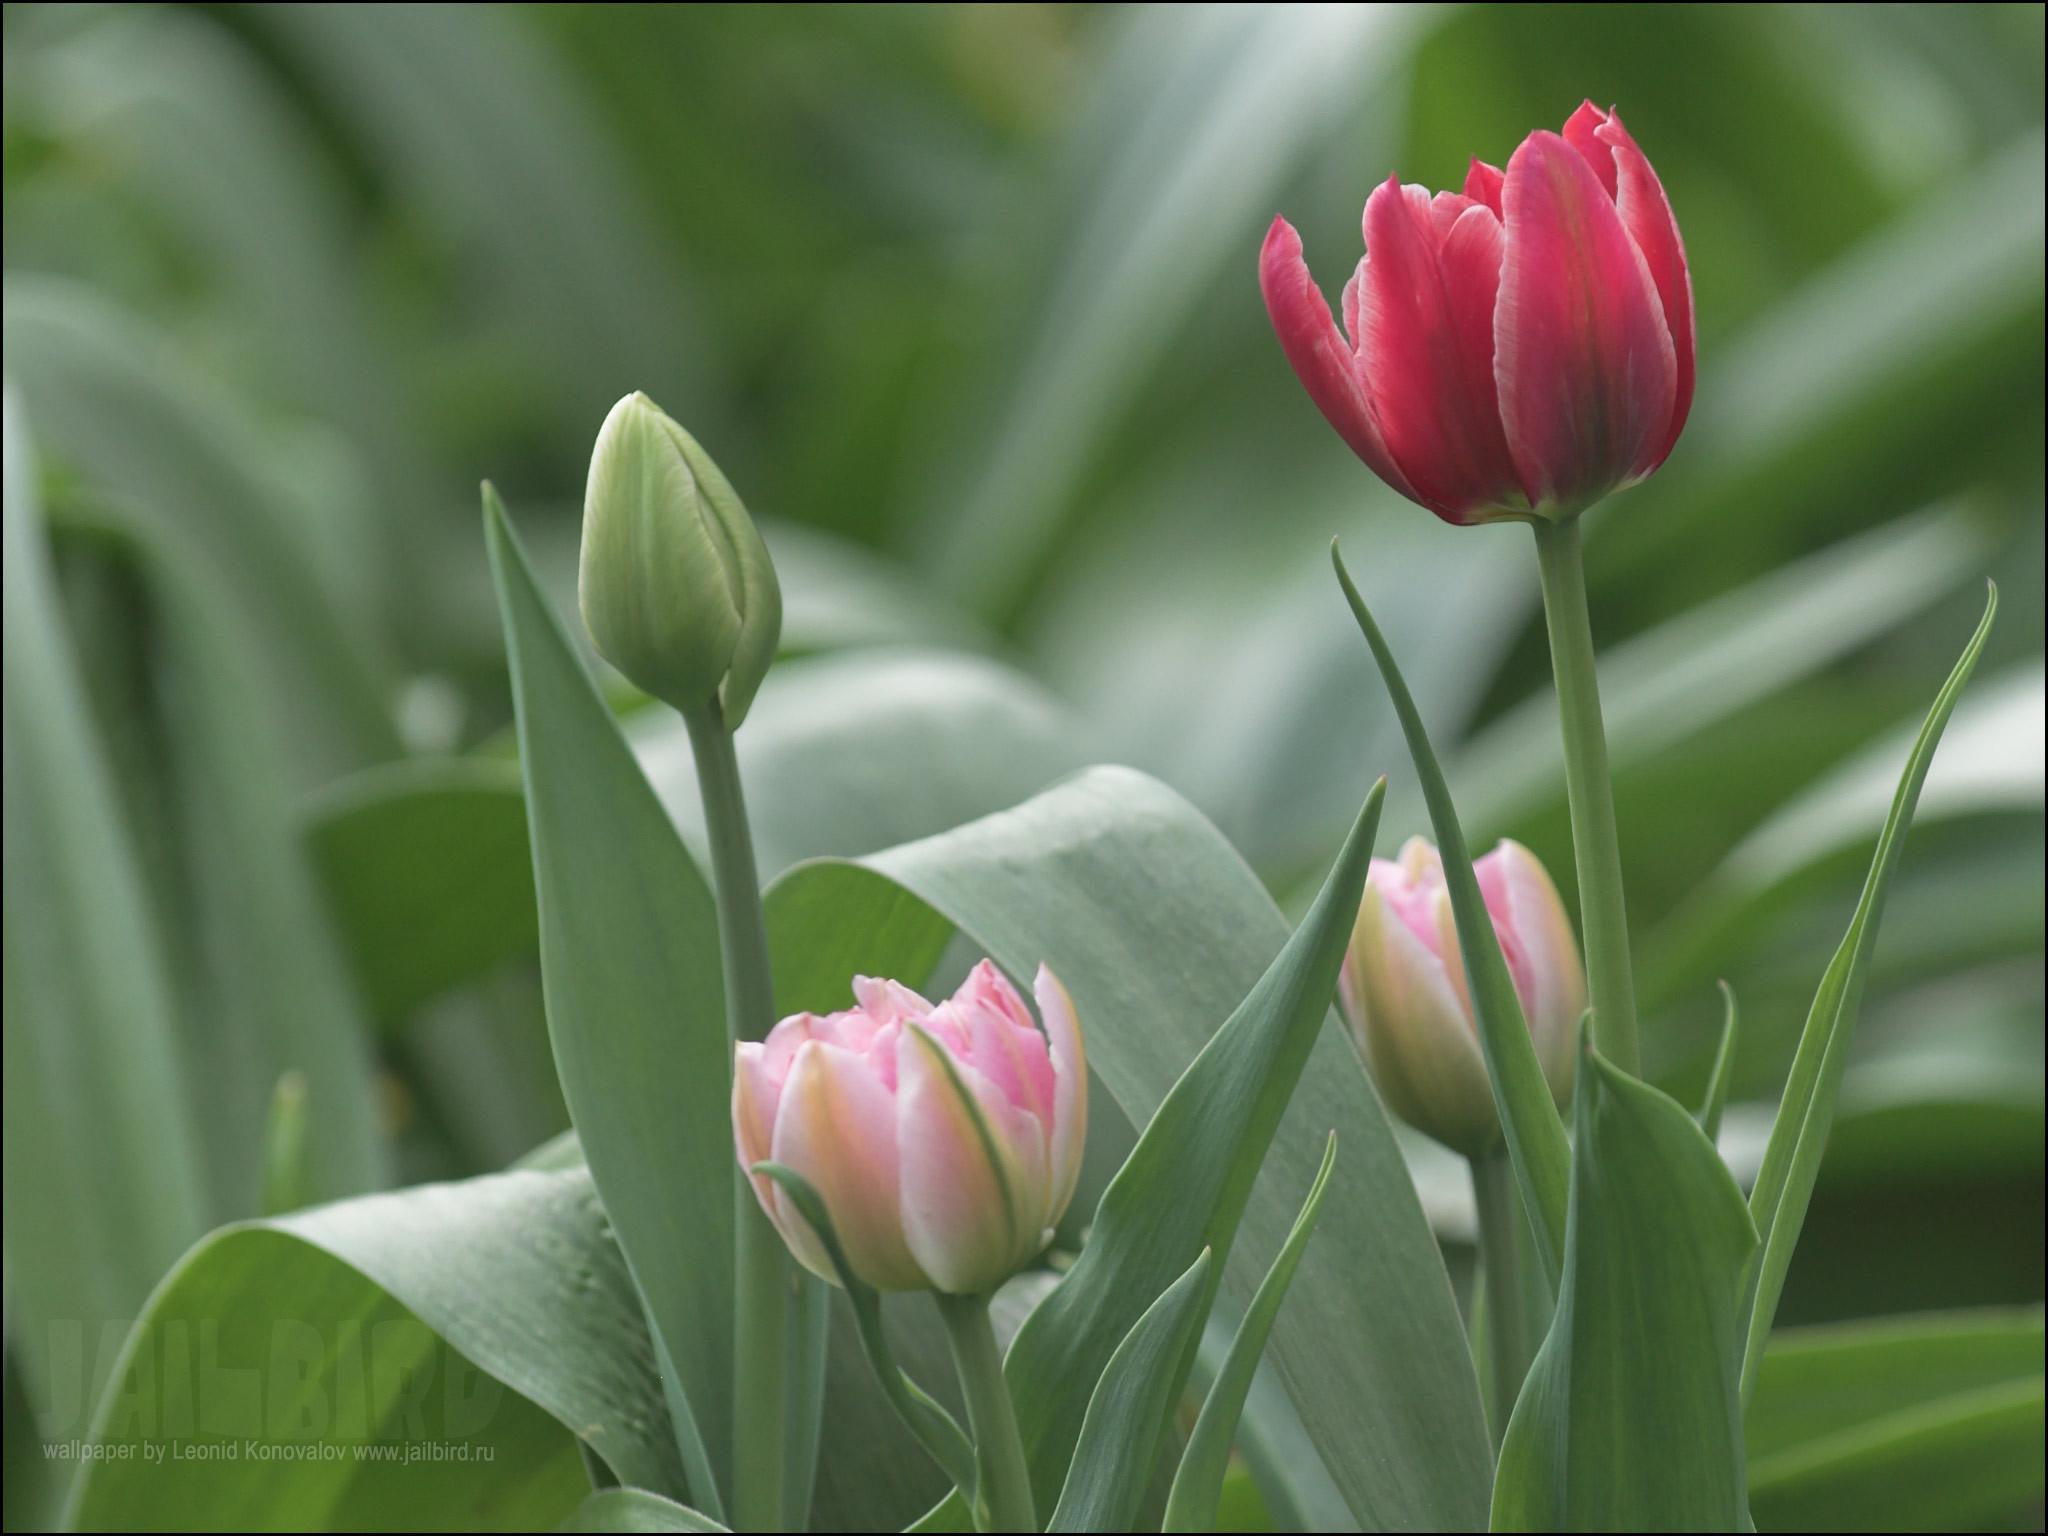 16829 скачать обои Растения, Цветы, Тюльпаны - заставки и картинки бесплатно